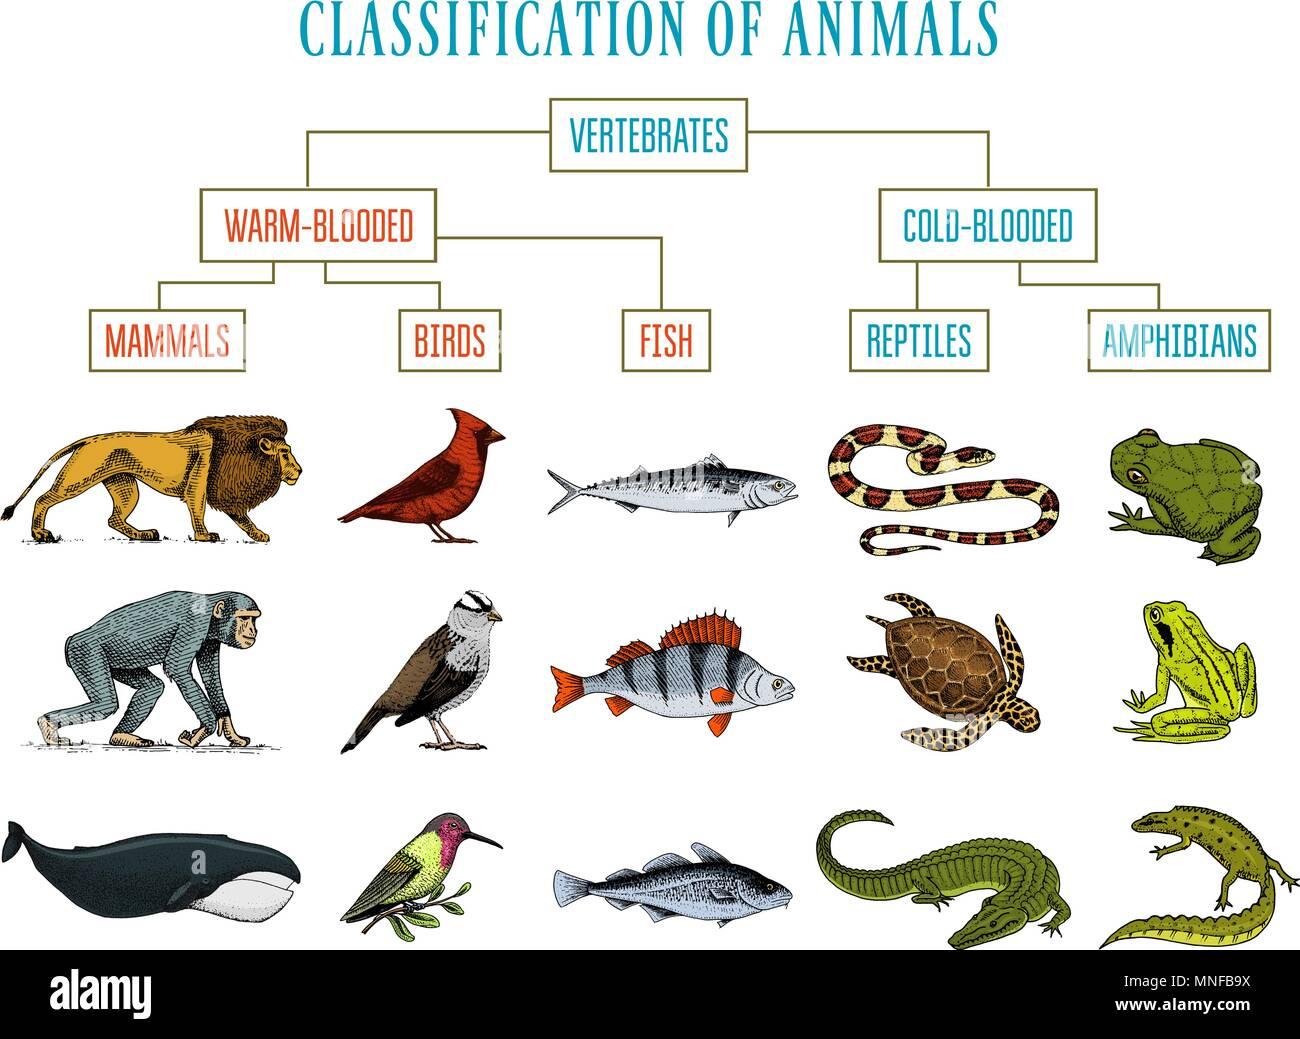 Clasificacion De Los Animales Los Reptiles Anfibios